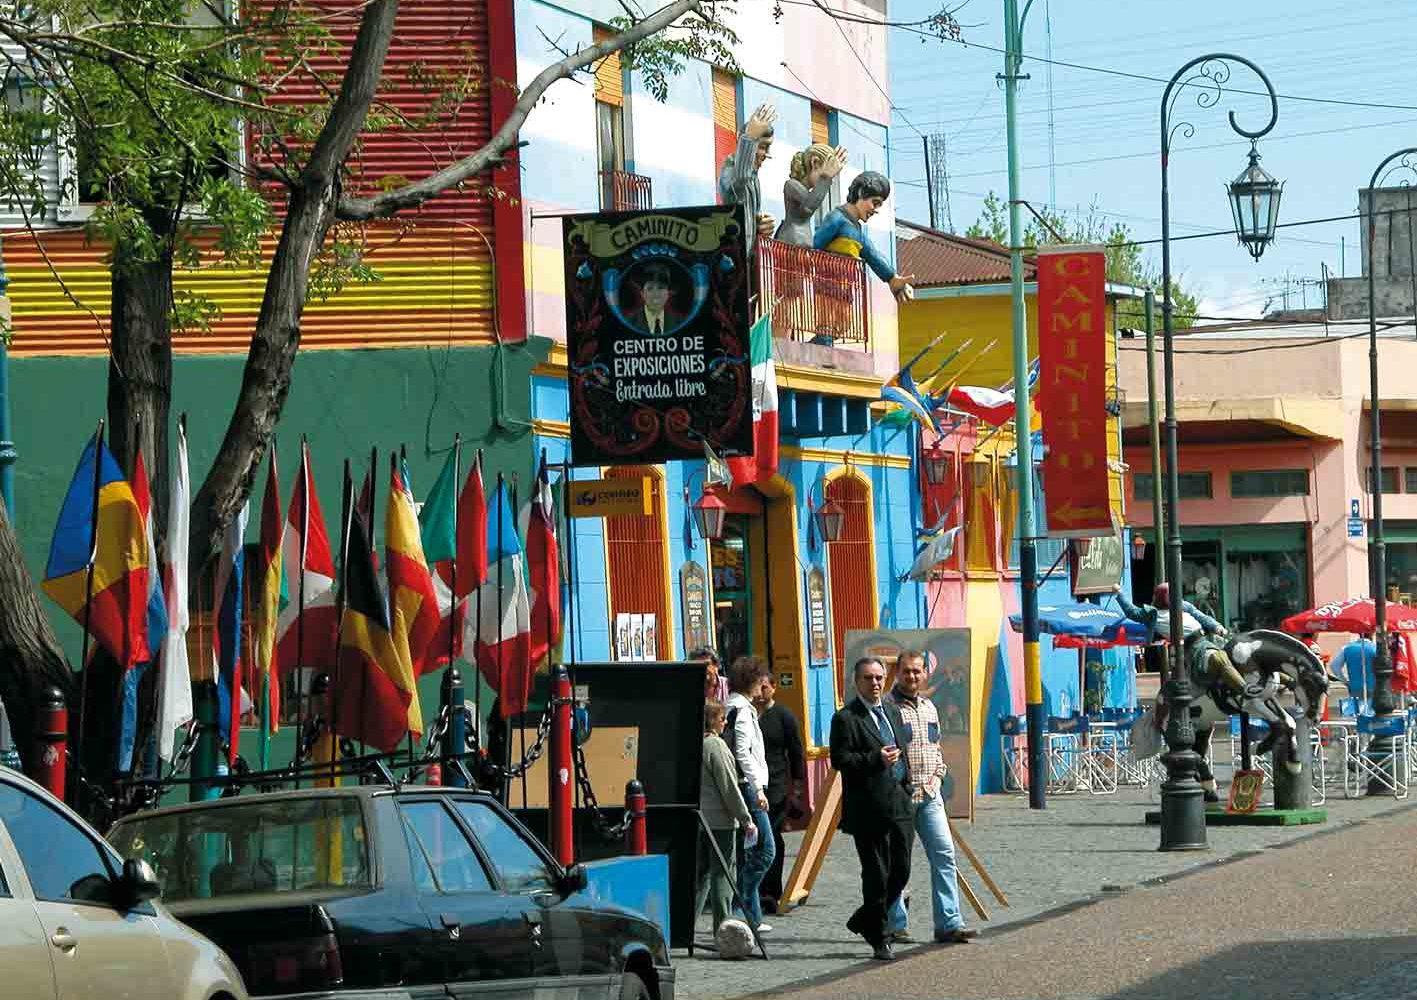 Künstlerviertel La Boca in Buenos Aires, Argentinien